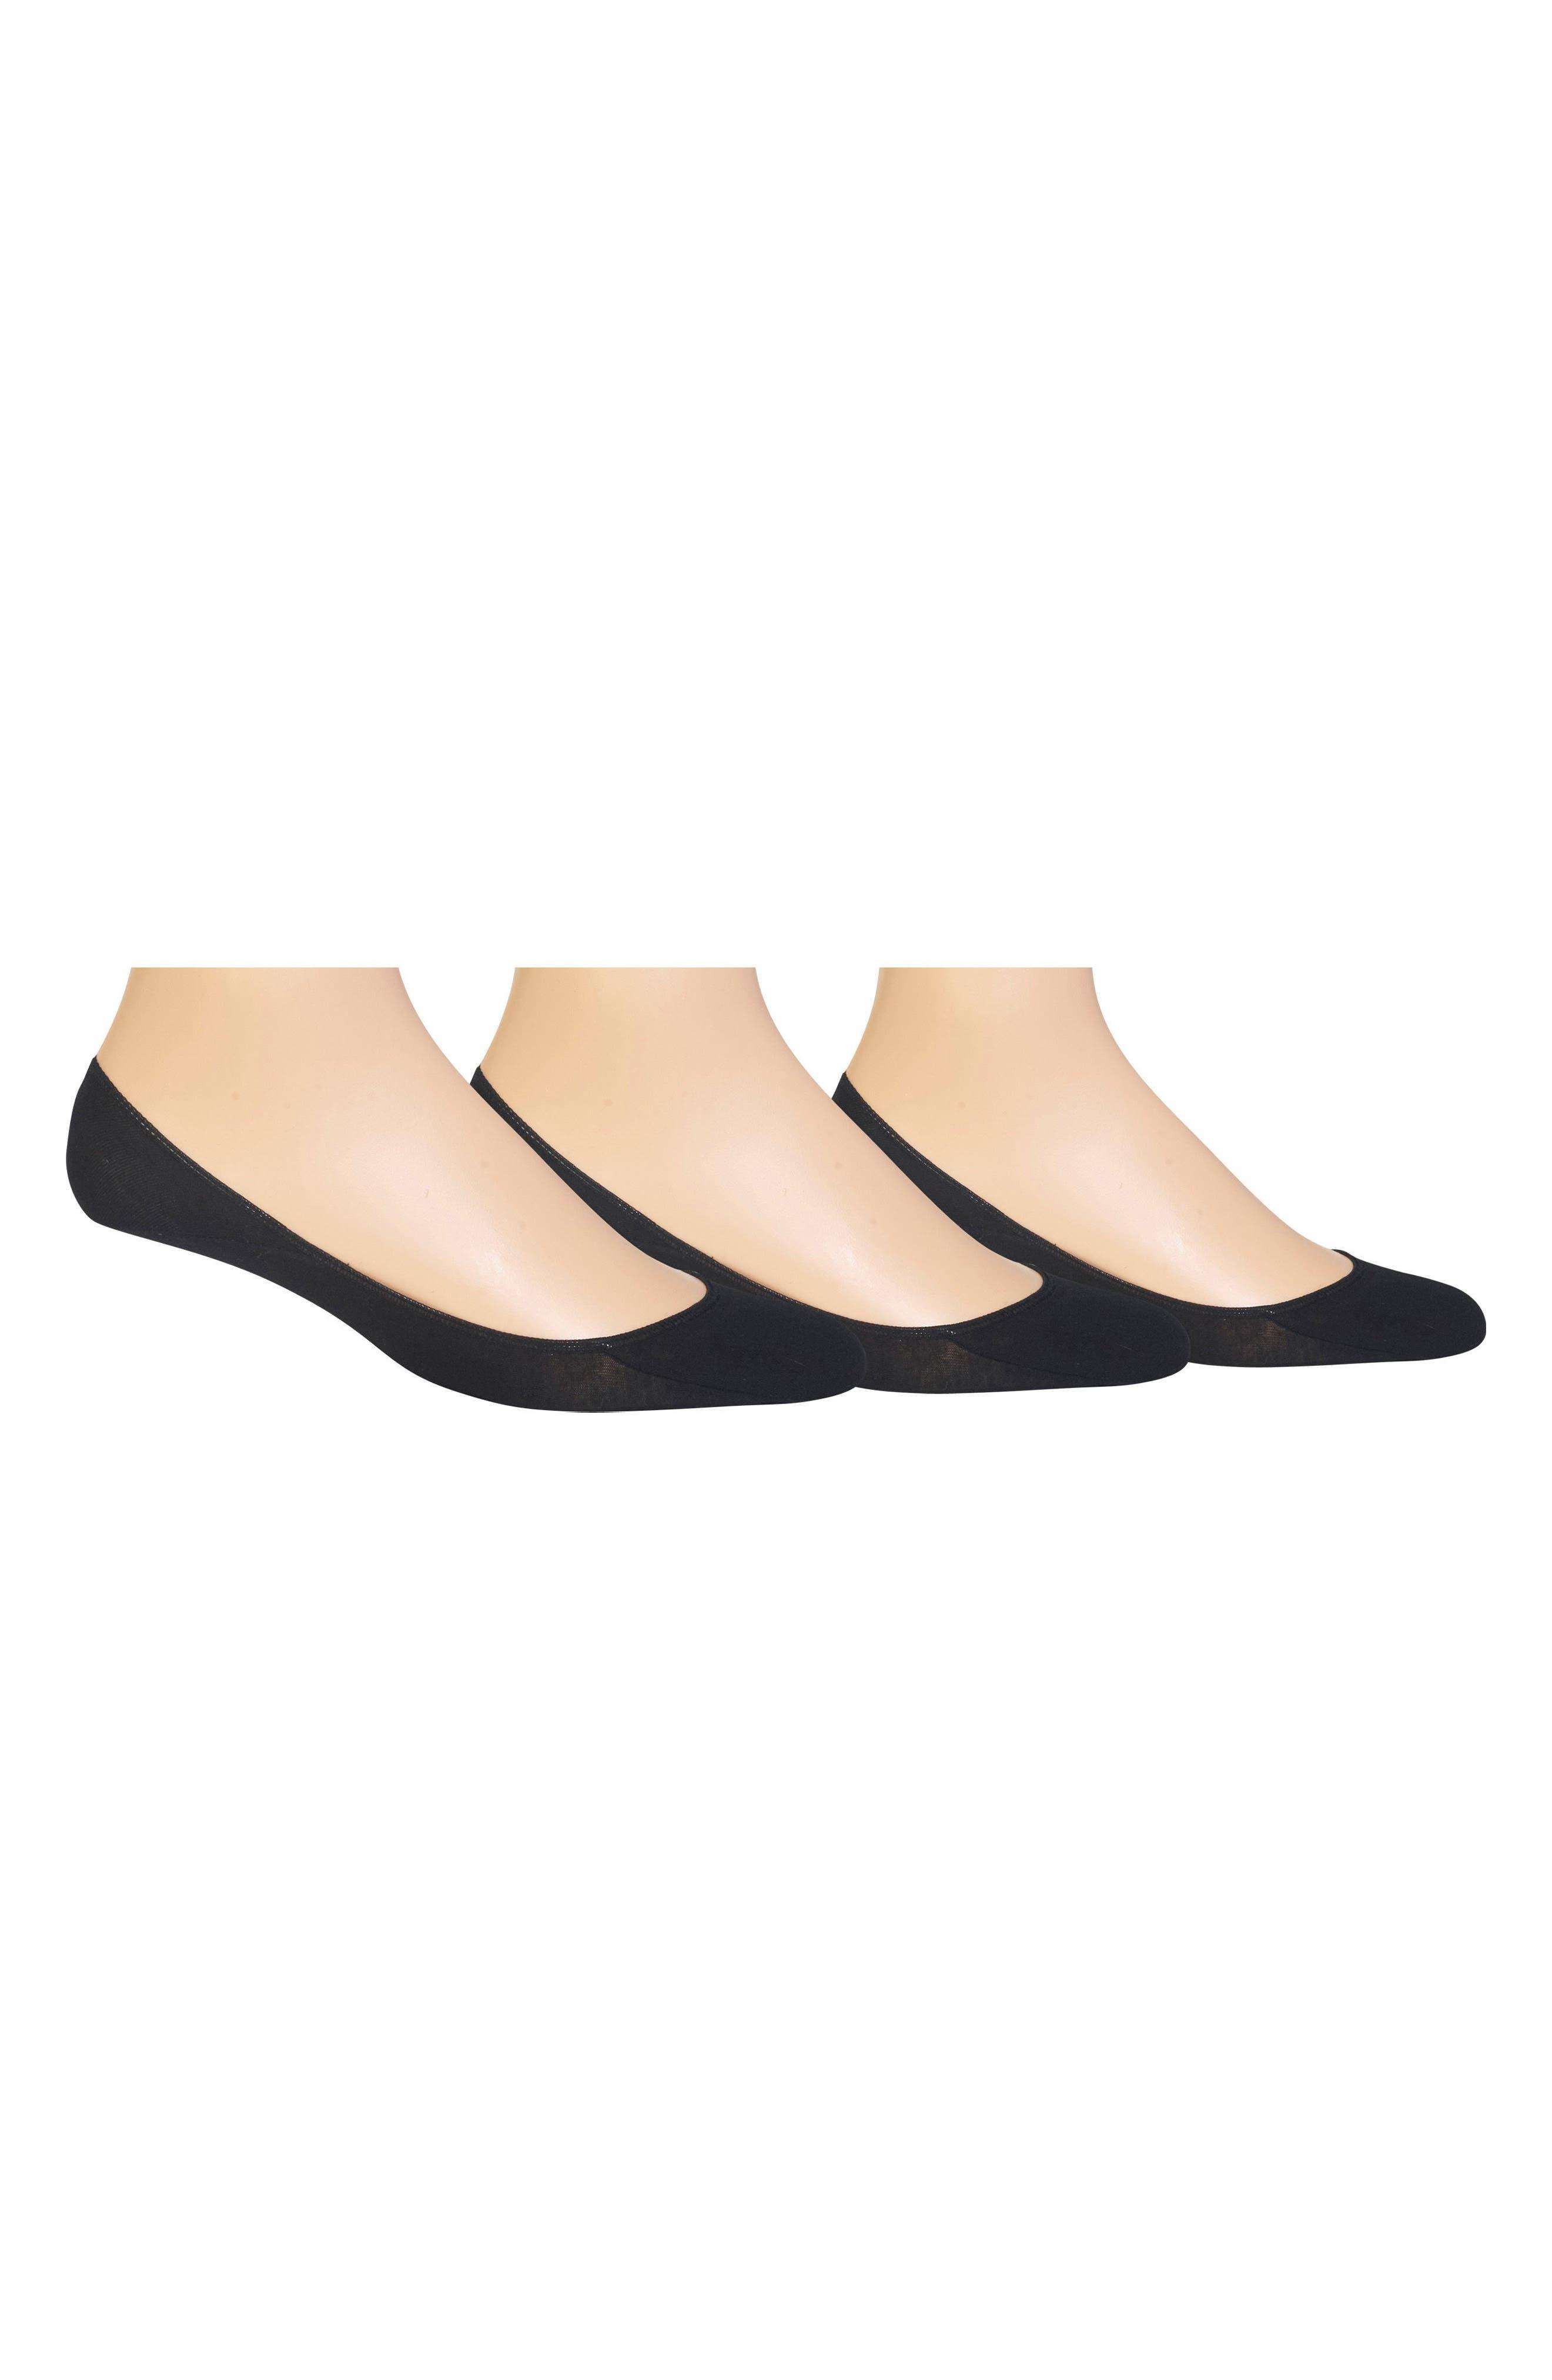 POLO RALPH LAUREN, 3-Pack Liner Socks, Main thumbnail 1, color, BLACK